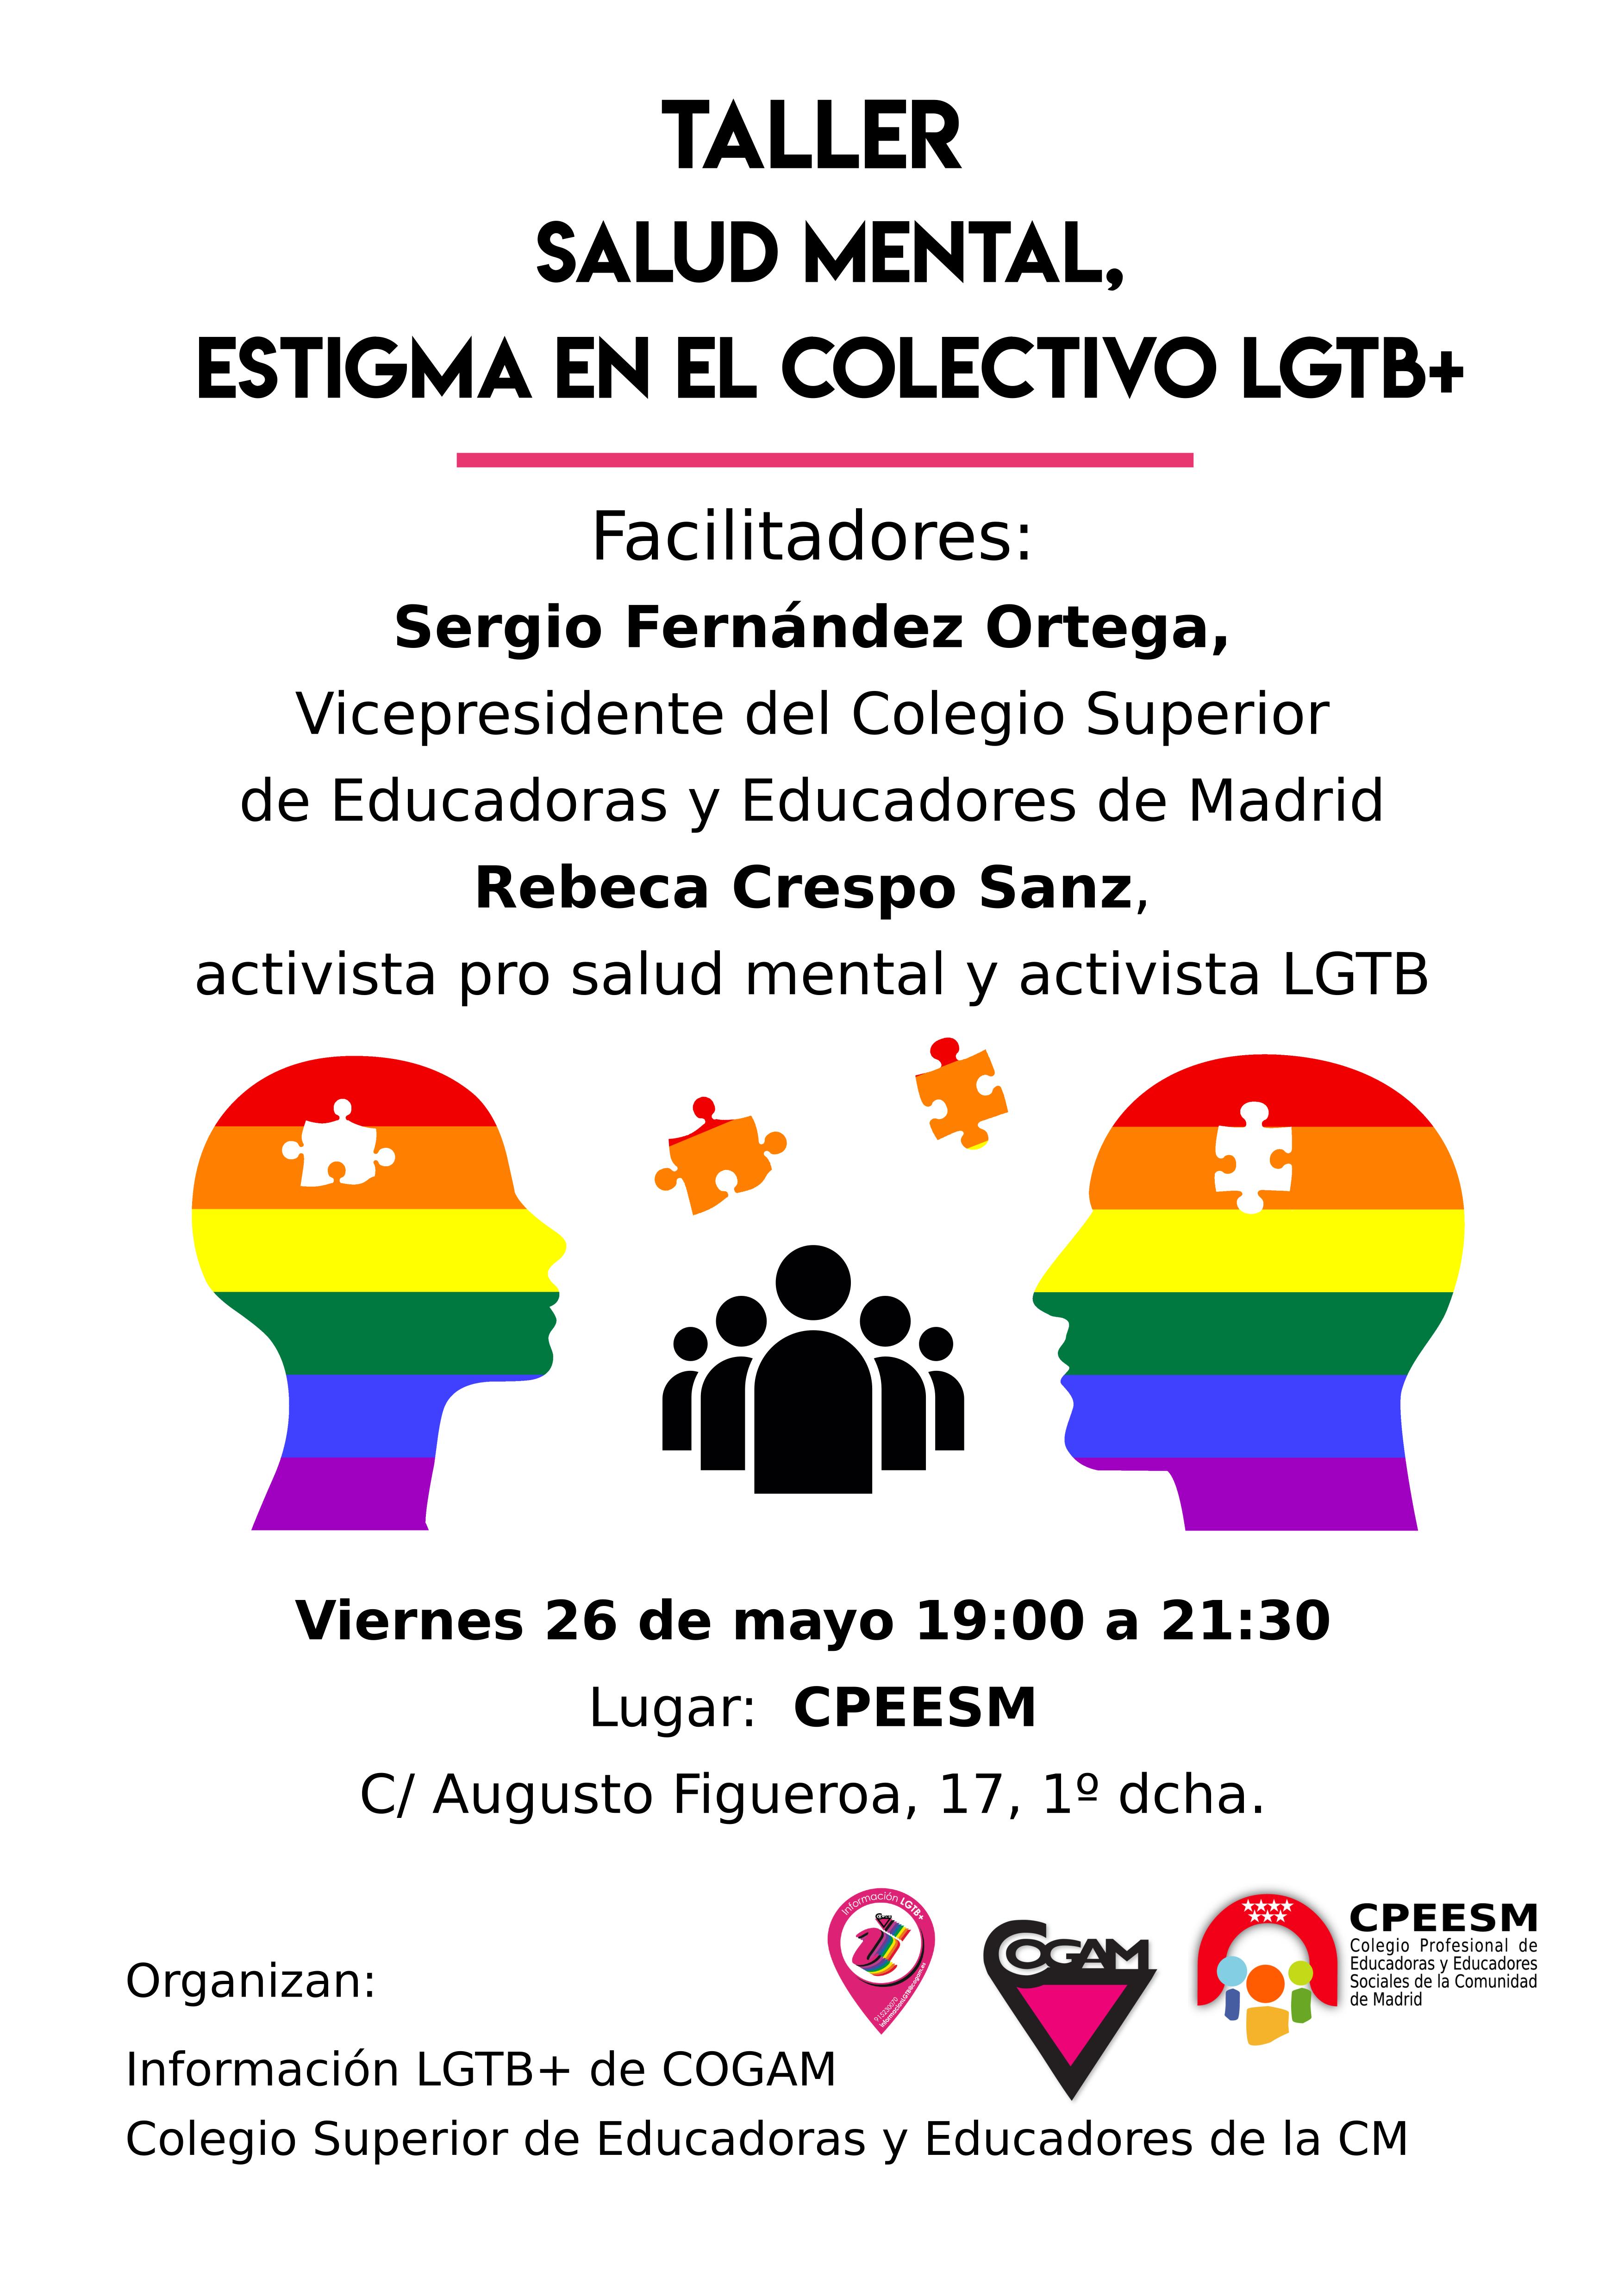 Taller de Salud Mental, estigma LGTB+, en Colegio Oficial de Educadores de la Comunidad de Madrid